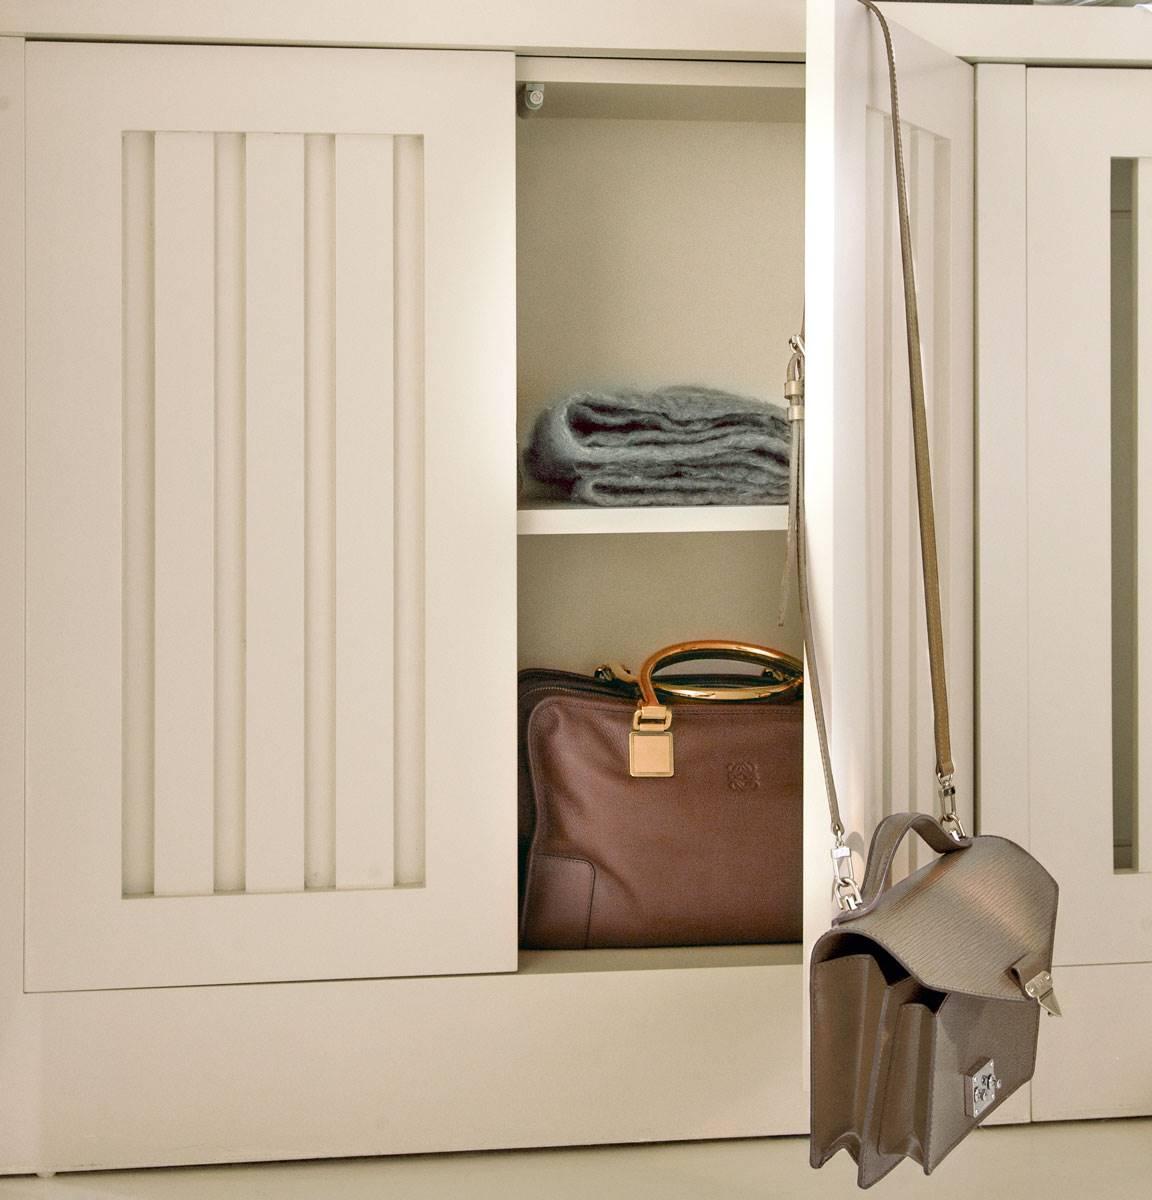 Como guardar bolsos en el armario perfect full size of muebles para guardar zapatos y botas - Como guardar los bolsos ordenados ...